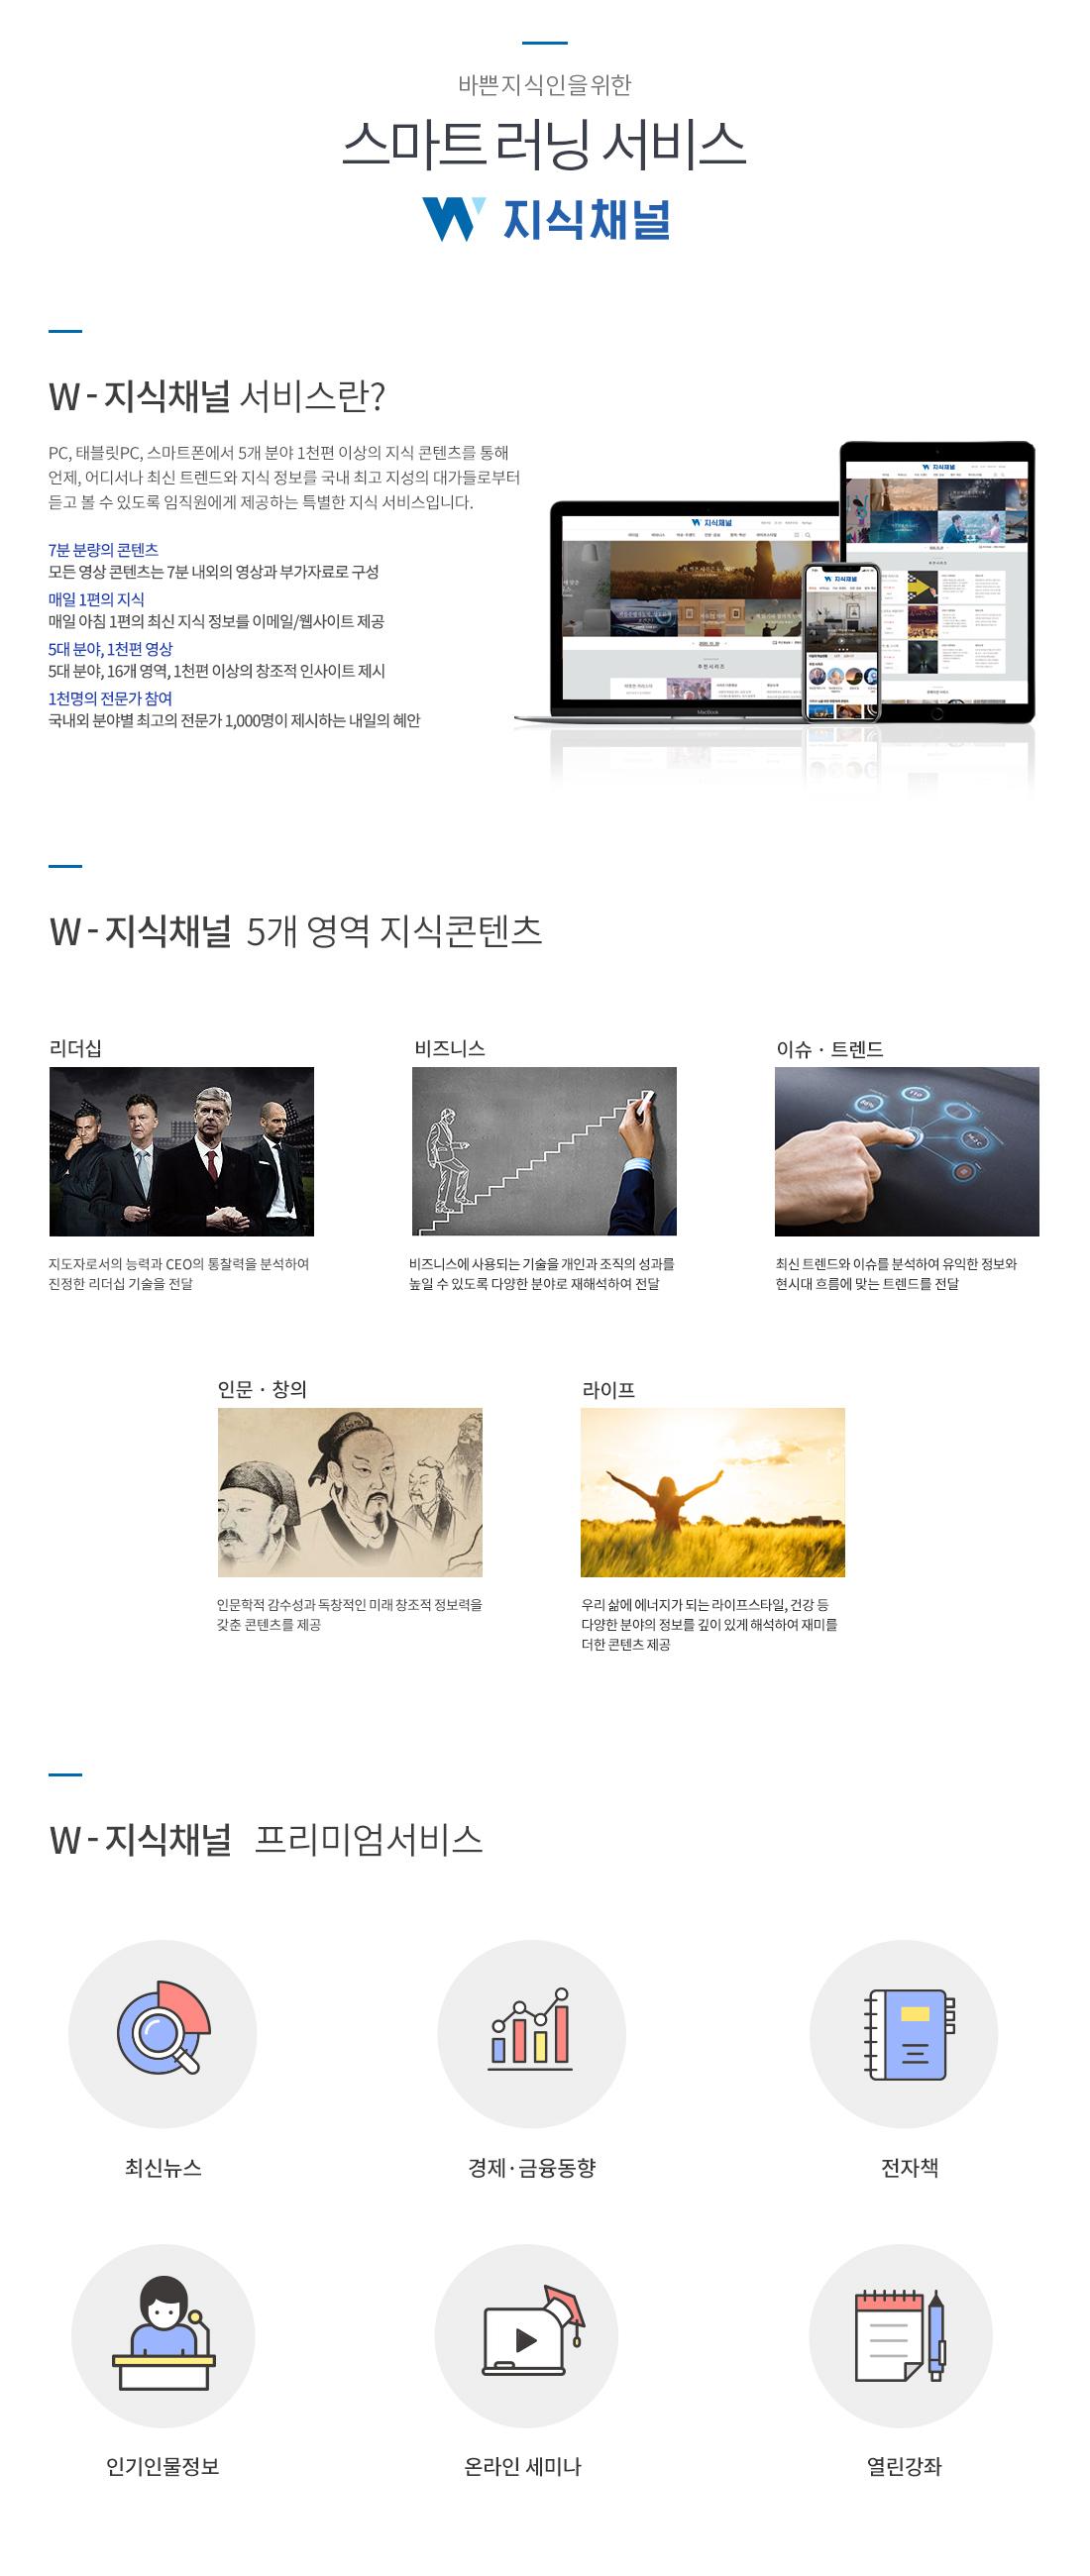 W 지식채널 소개